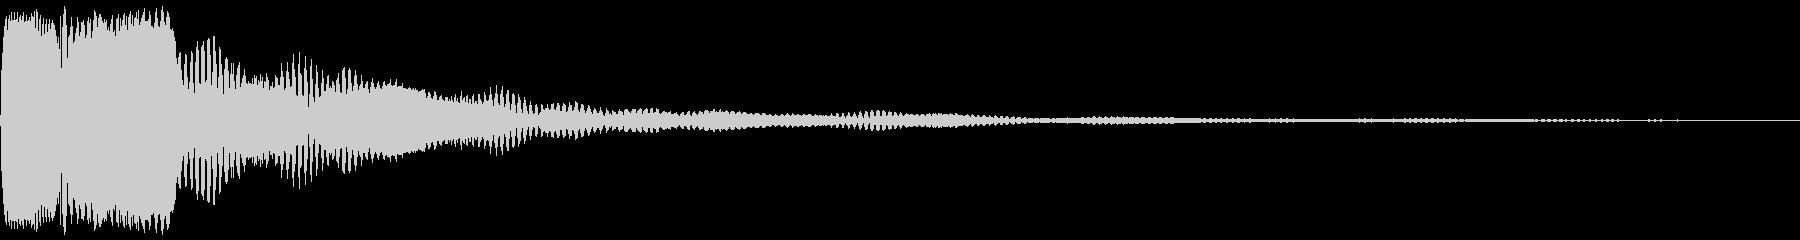 ピロの未再生の波形